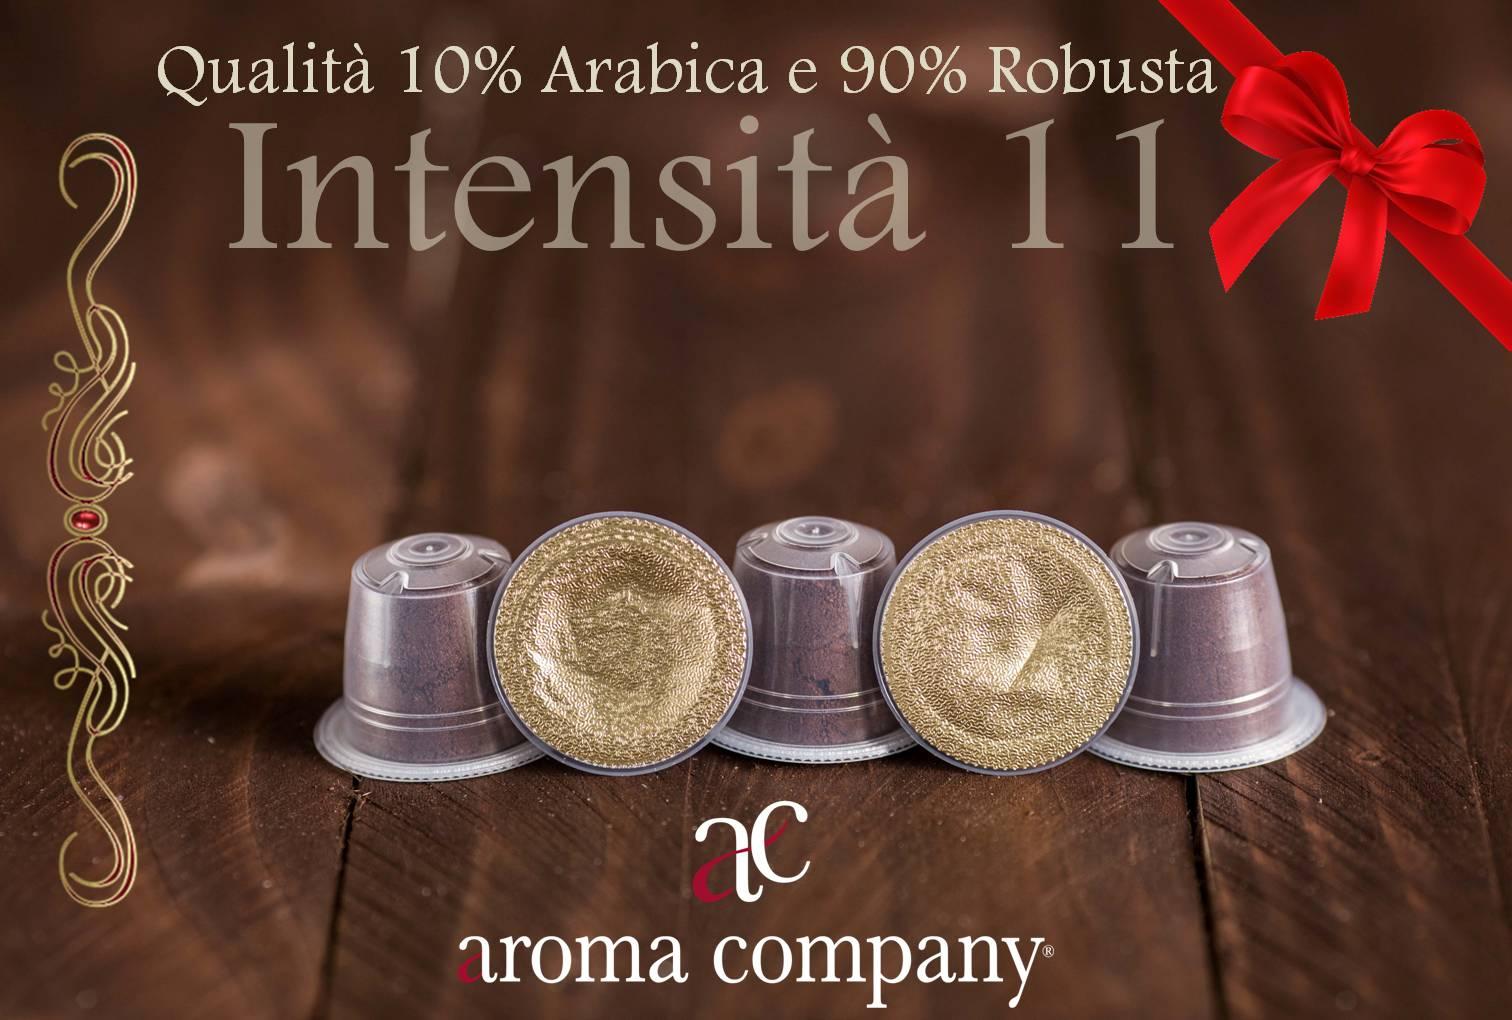 Sole di Napoli Aroma Company espresso di qualita